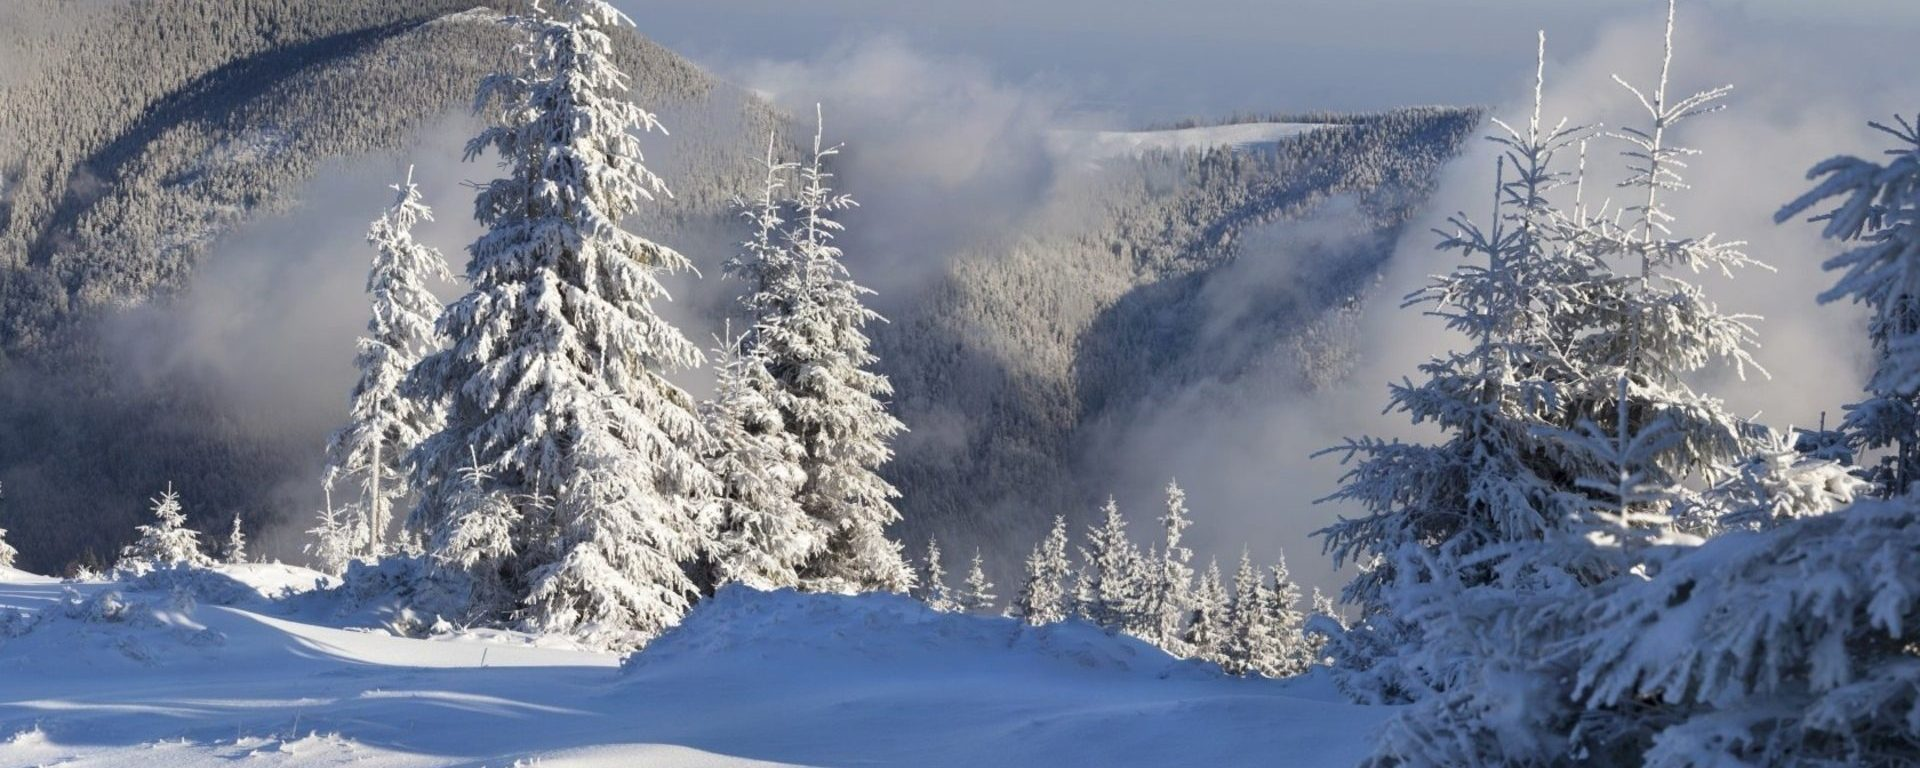 winter wonderland winter landscape